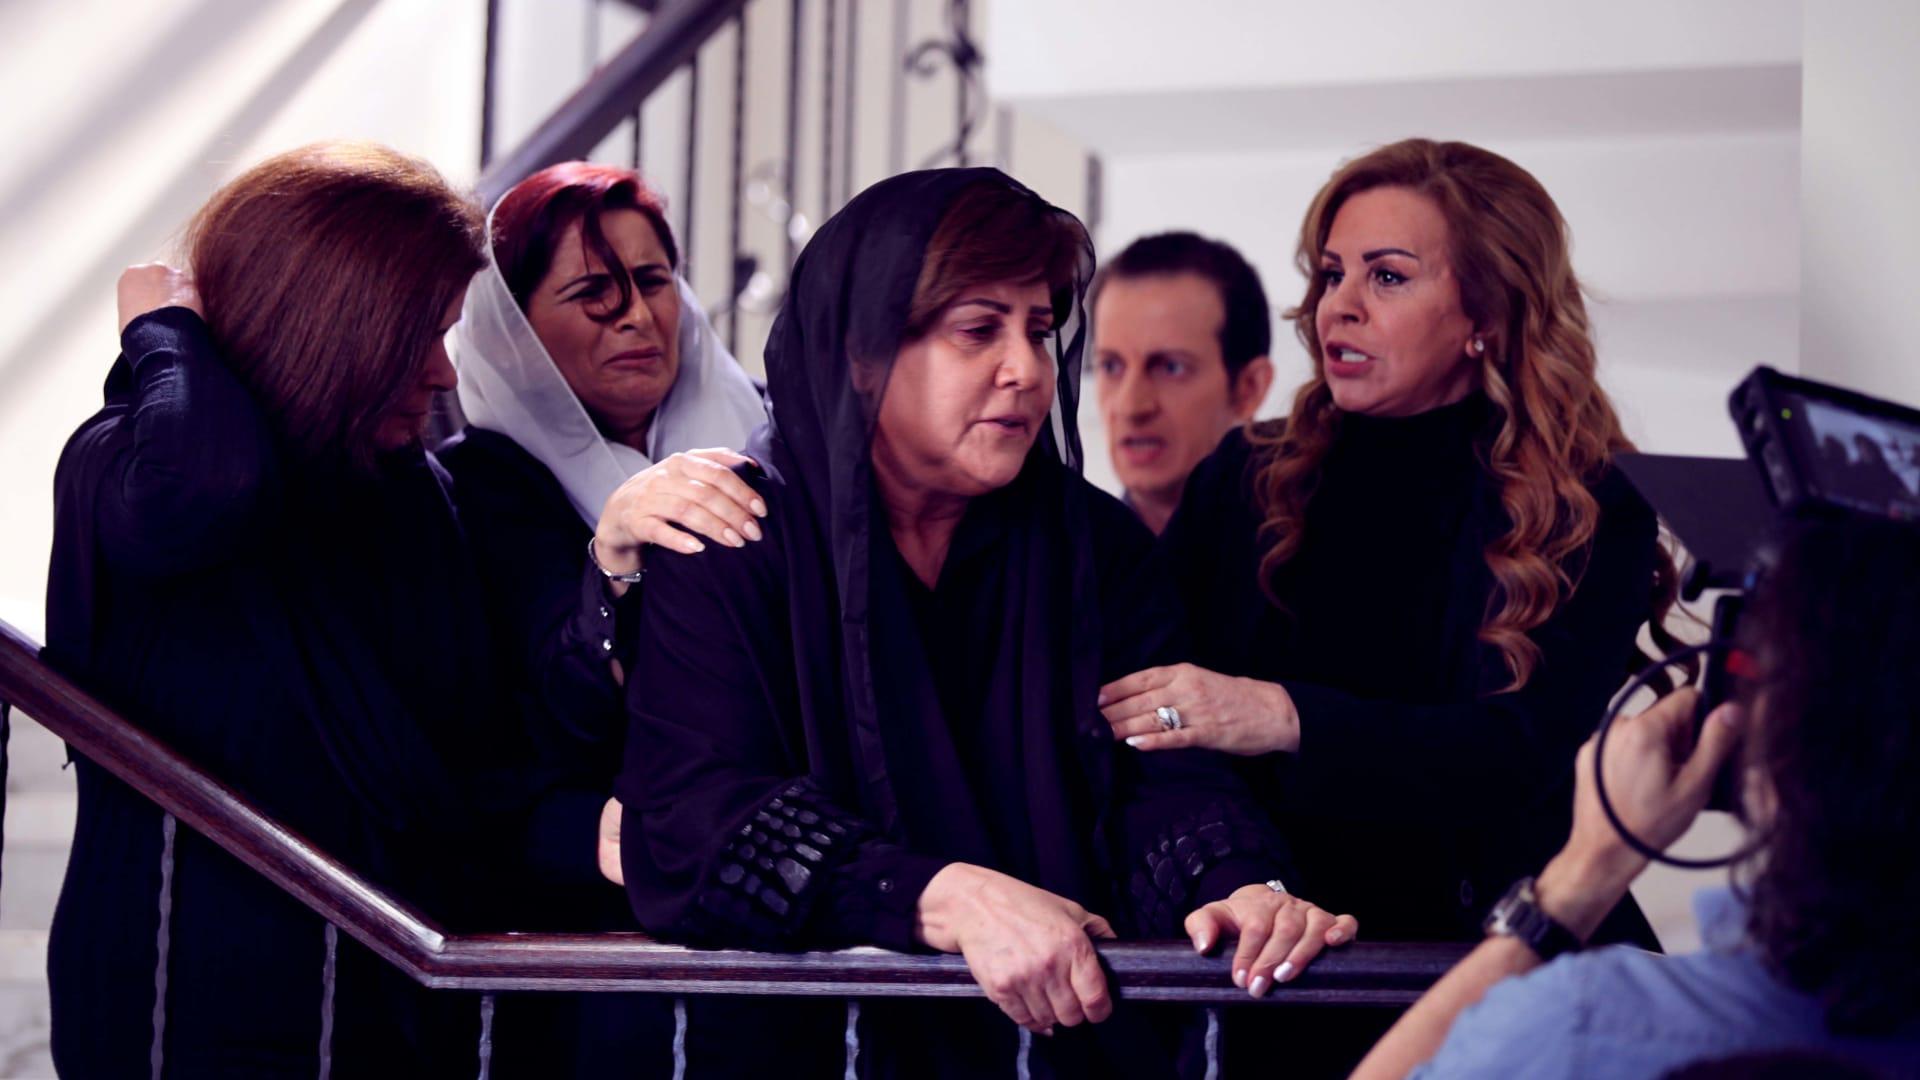 الممثلتان سلمى المصري وسهير البارودي في مشهد من المسلسل.